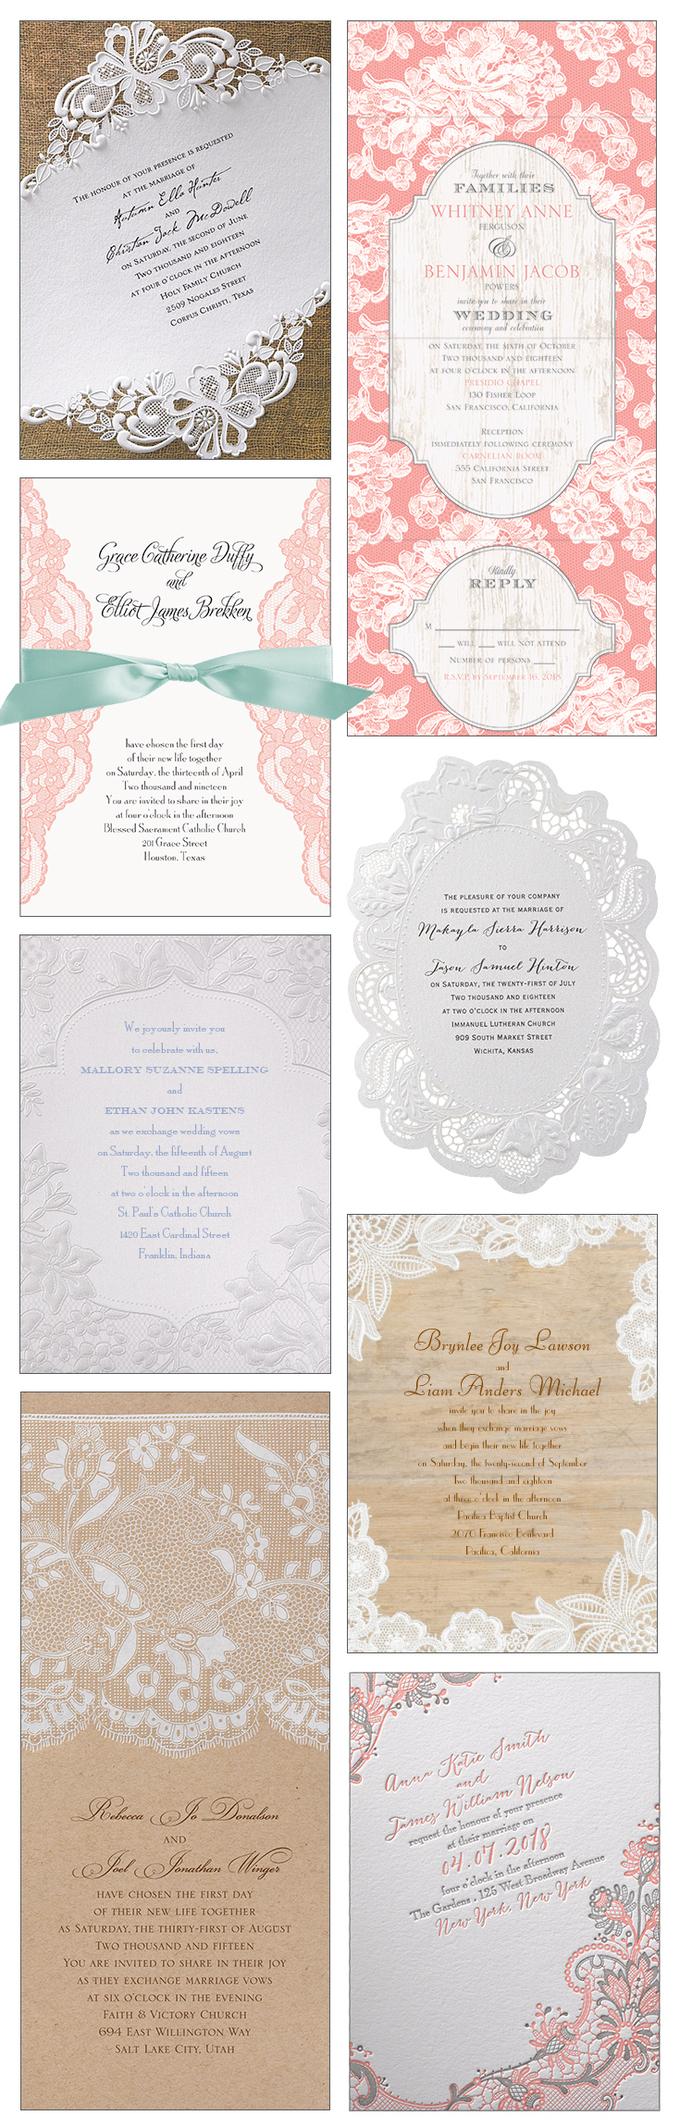 经典,复古,乡村或乡村。蕾丝婚礼邀请补充了许多主题,永远不会过时。